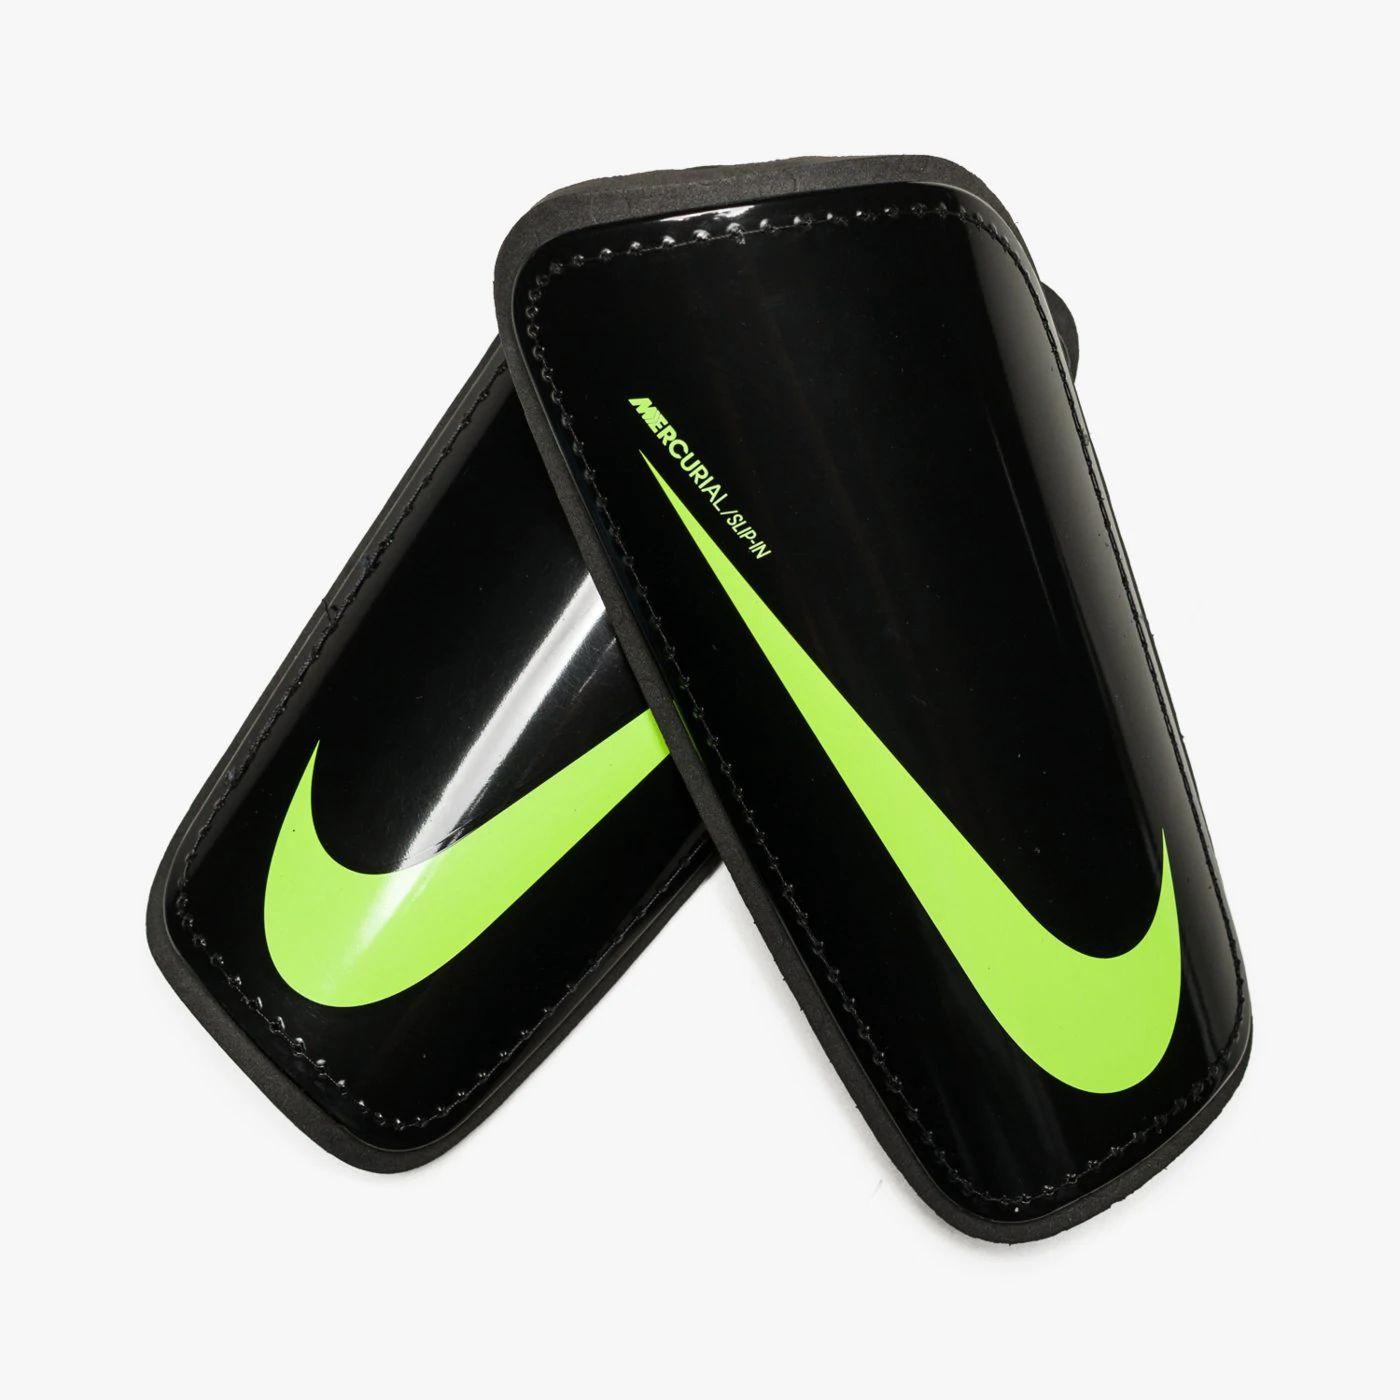 Ochraniacze piłkarskie Nike, Adidas Odbór w sklepie 0 zł